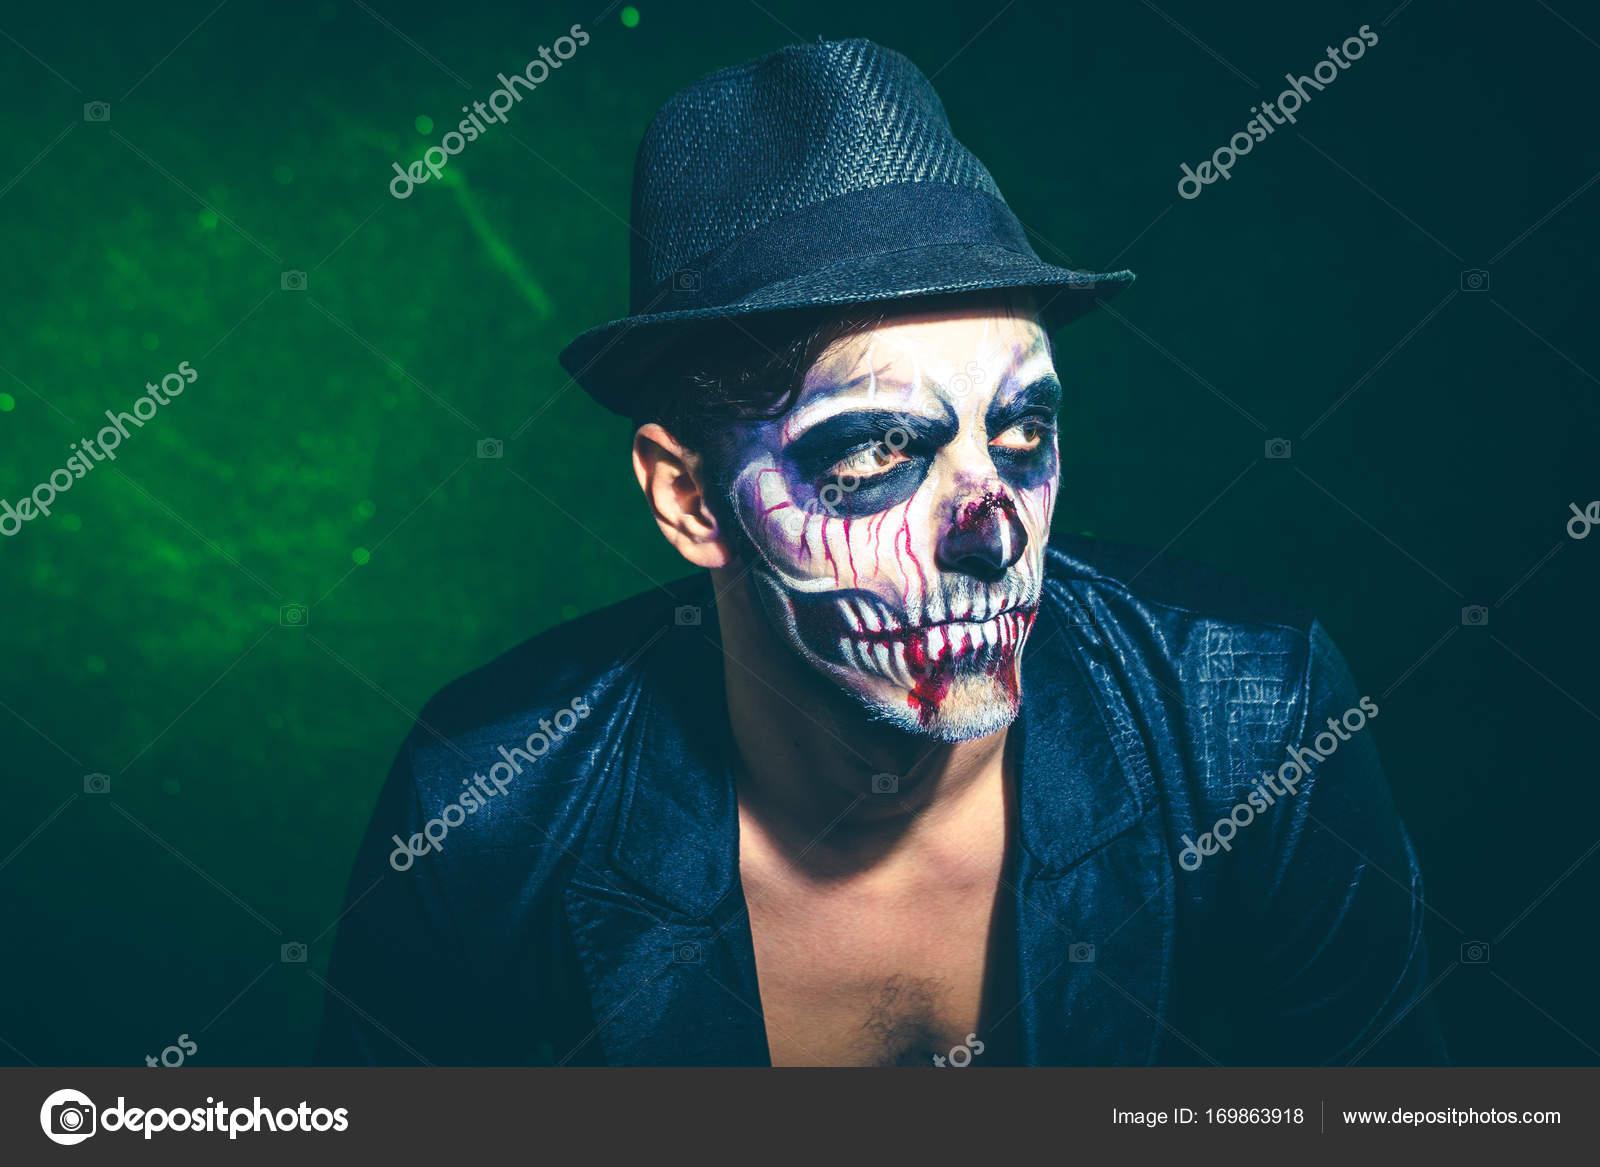 Scary halloween esqueleto hombre chaqueta y sombrero studio shot ...